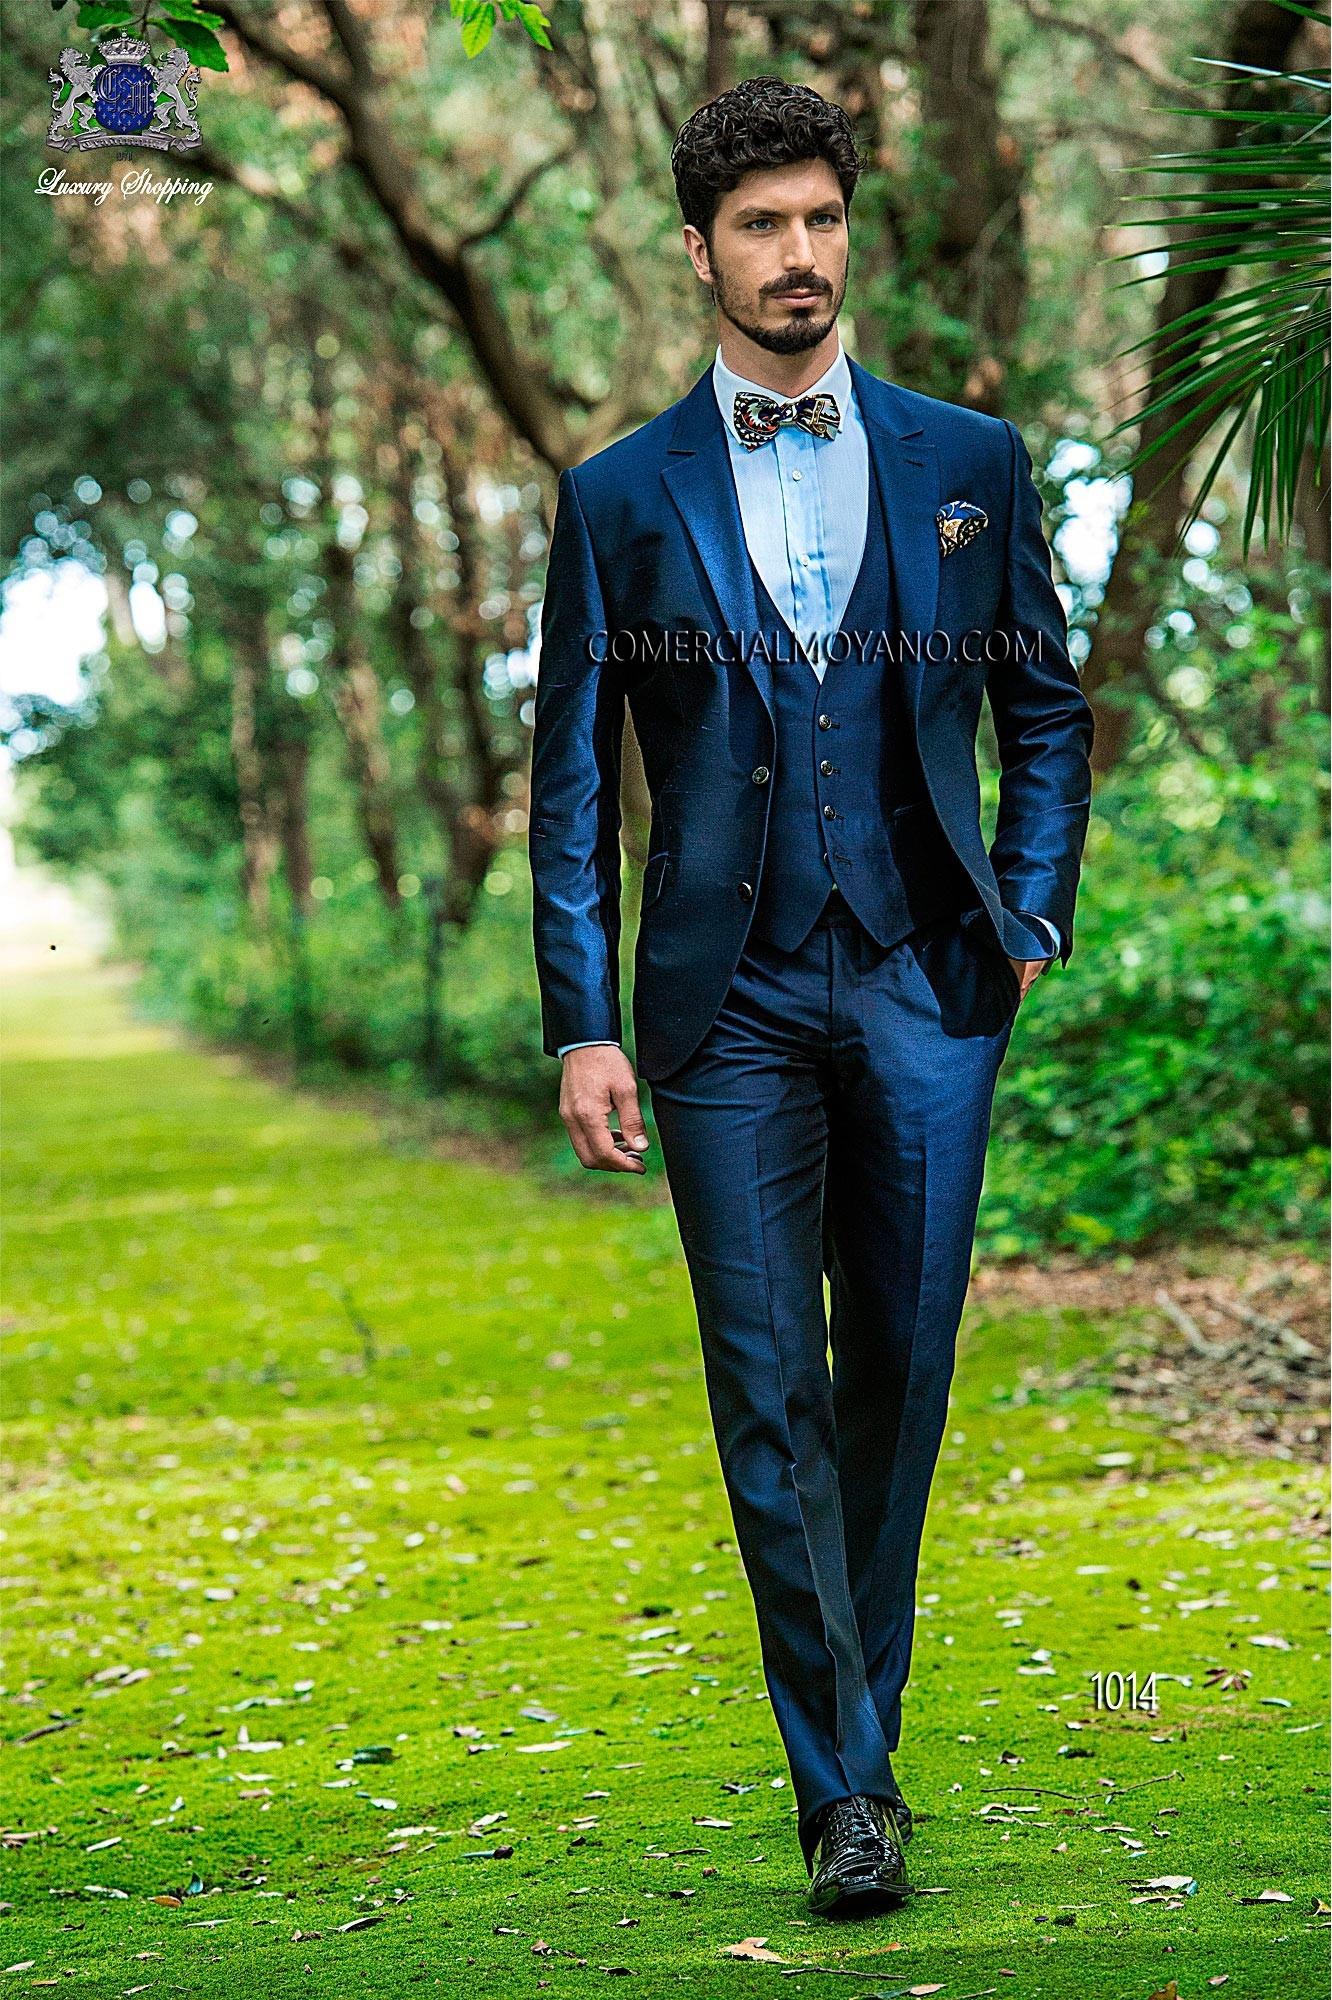 Traje de novio Hipster azul modelo: 1014 Ottavio Nuccio Gala colección Hipster